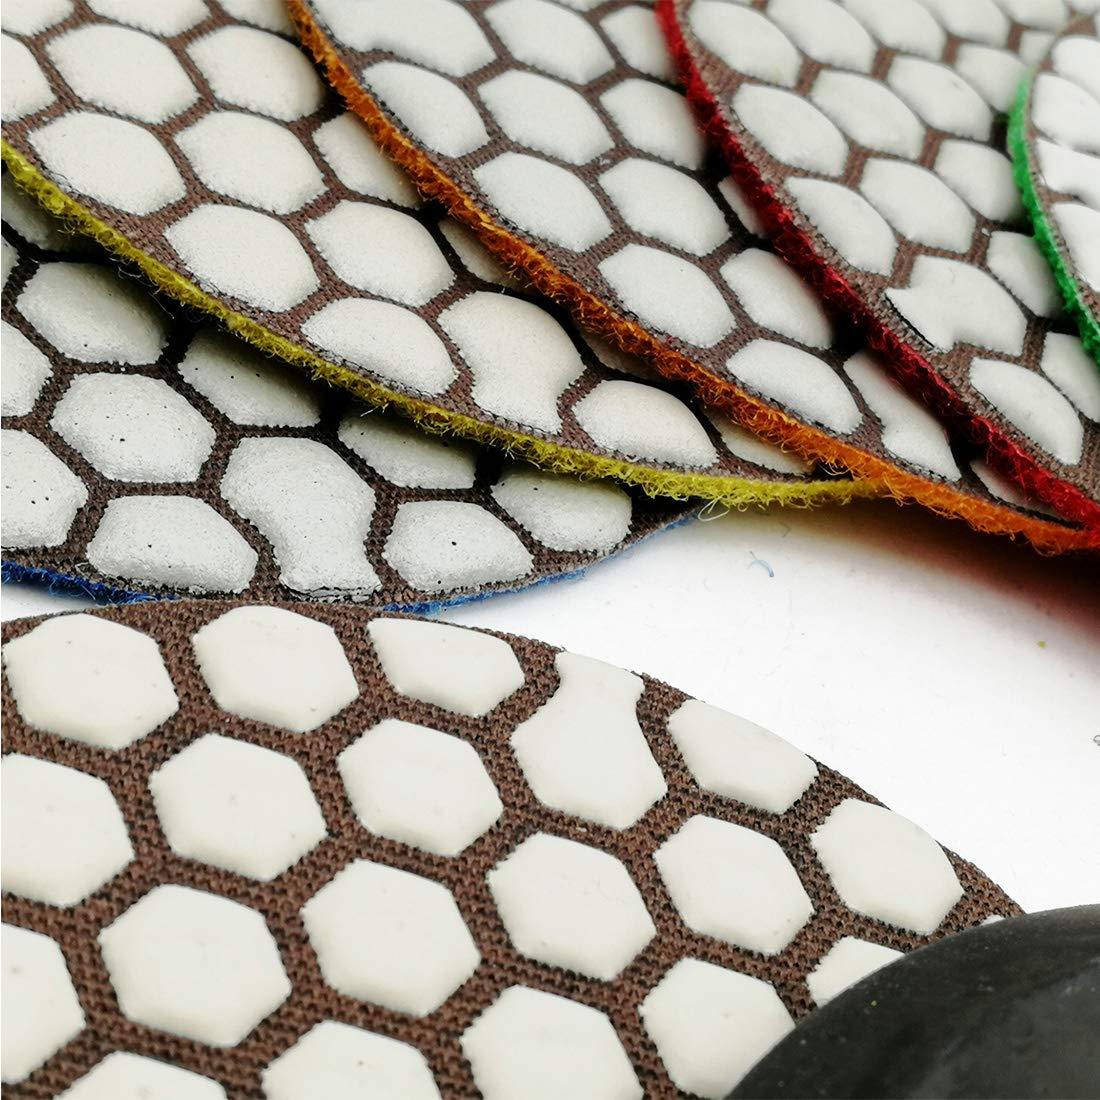 SHDIATOOL Diamante Almohadilla de Pulido 8 Piezas Grano Mixta y un Respaldo de Aluminio para Pulir en Seco M/ármol Granito Piedra Cer/ámica Dia 100mm//4 Pulgadas